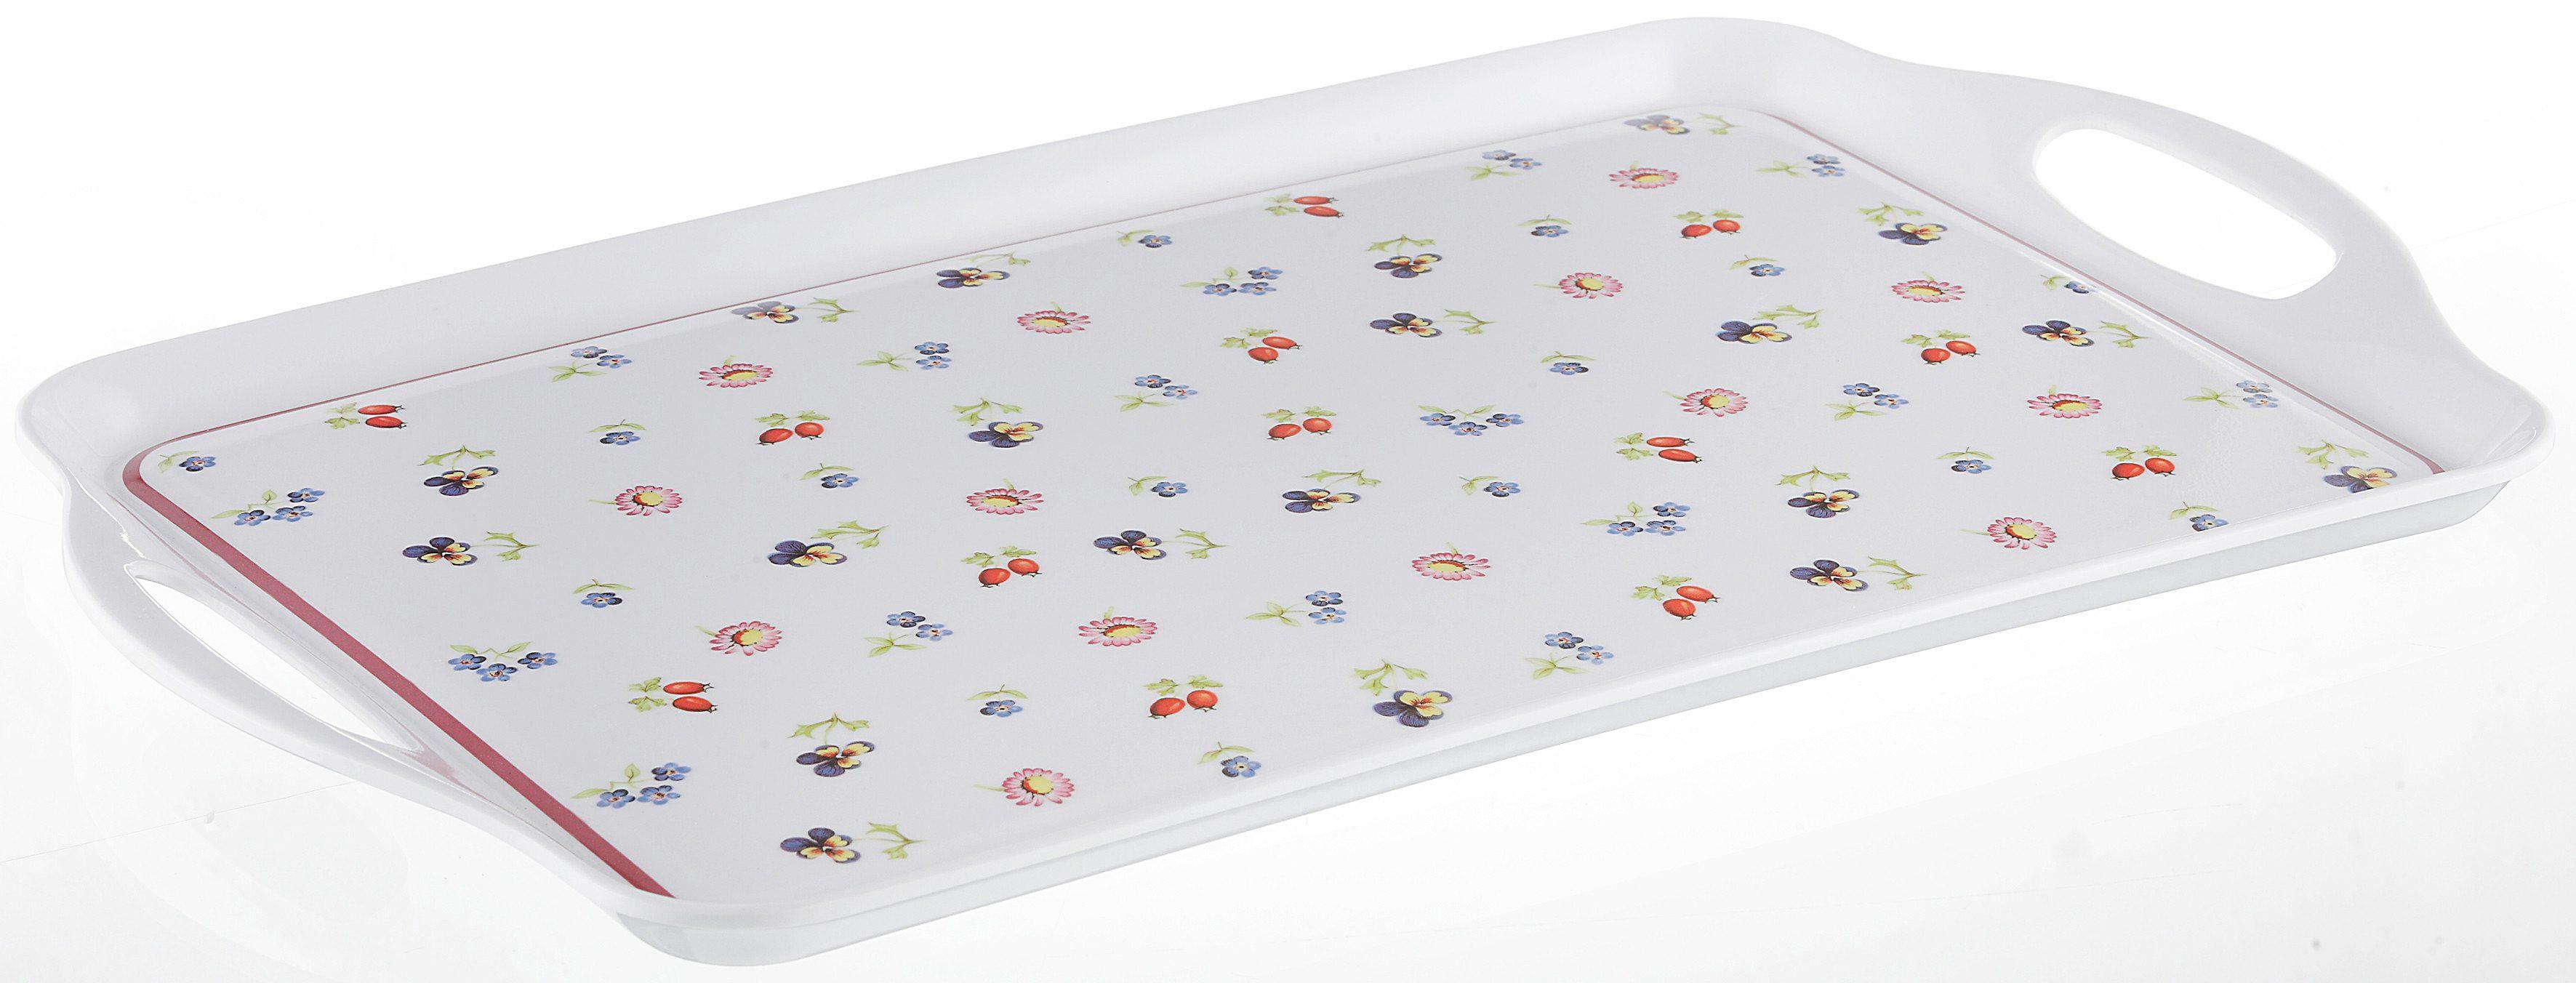 Tablett, Villeroy & Boch, »Petit Fleur«